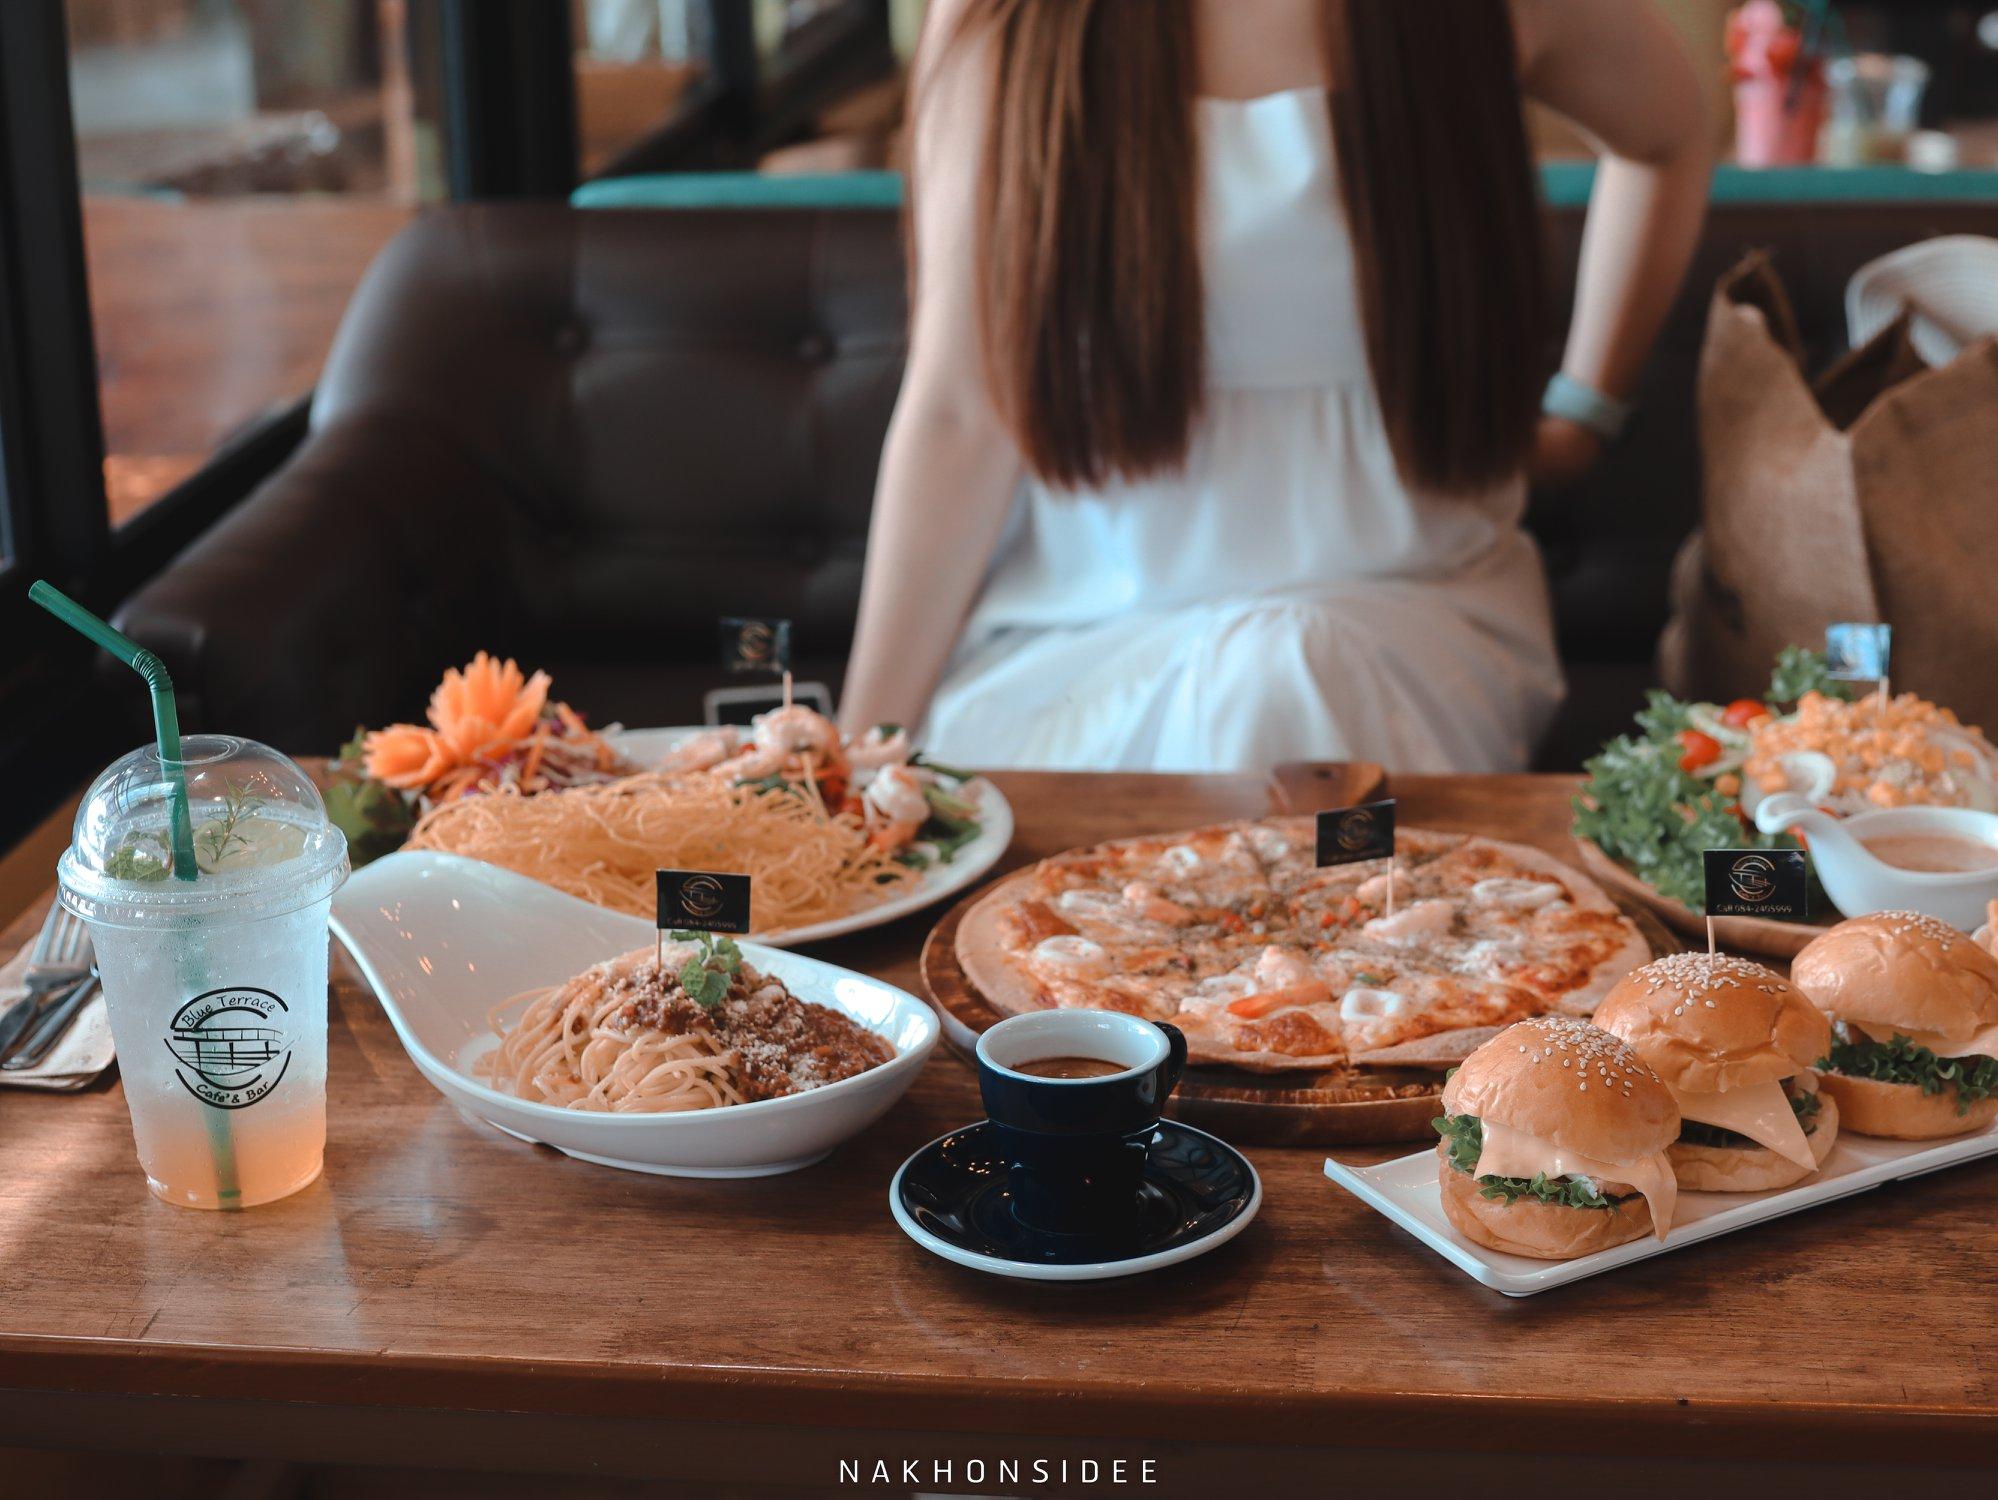 ขนอม,นครศรีธรรมราช,ฺBlueterrace,ของกิน,ร้านอาหาร,คาเฟ่,อร่อย